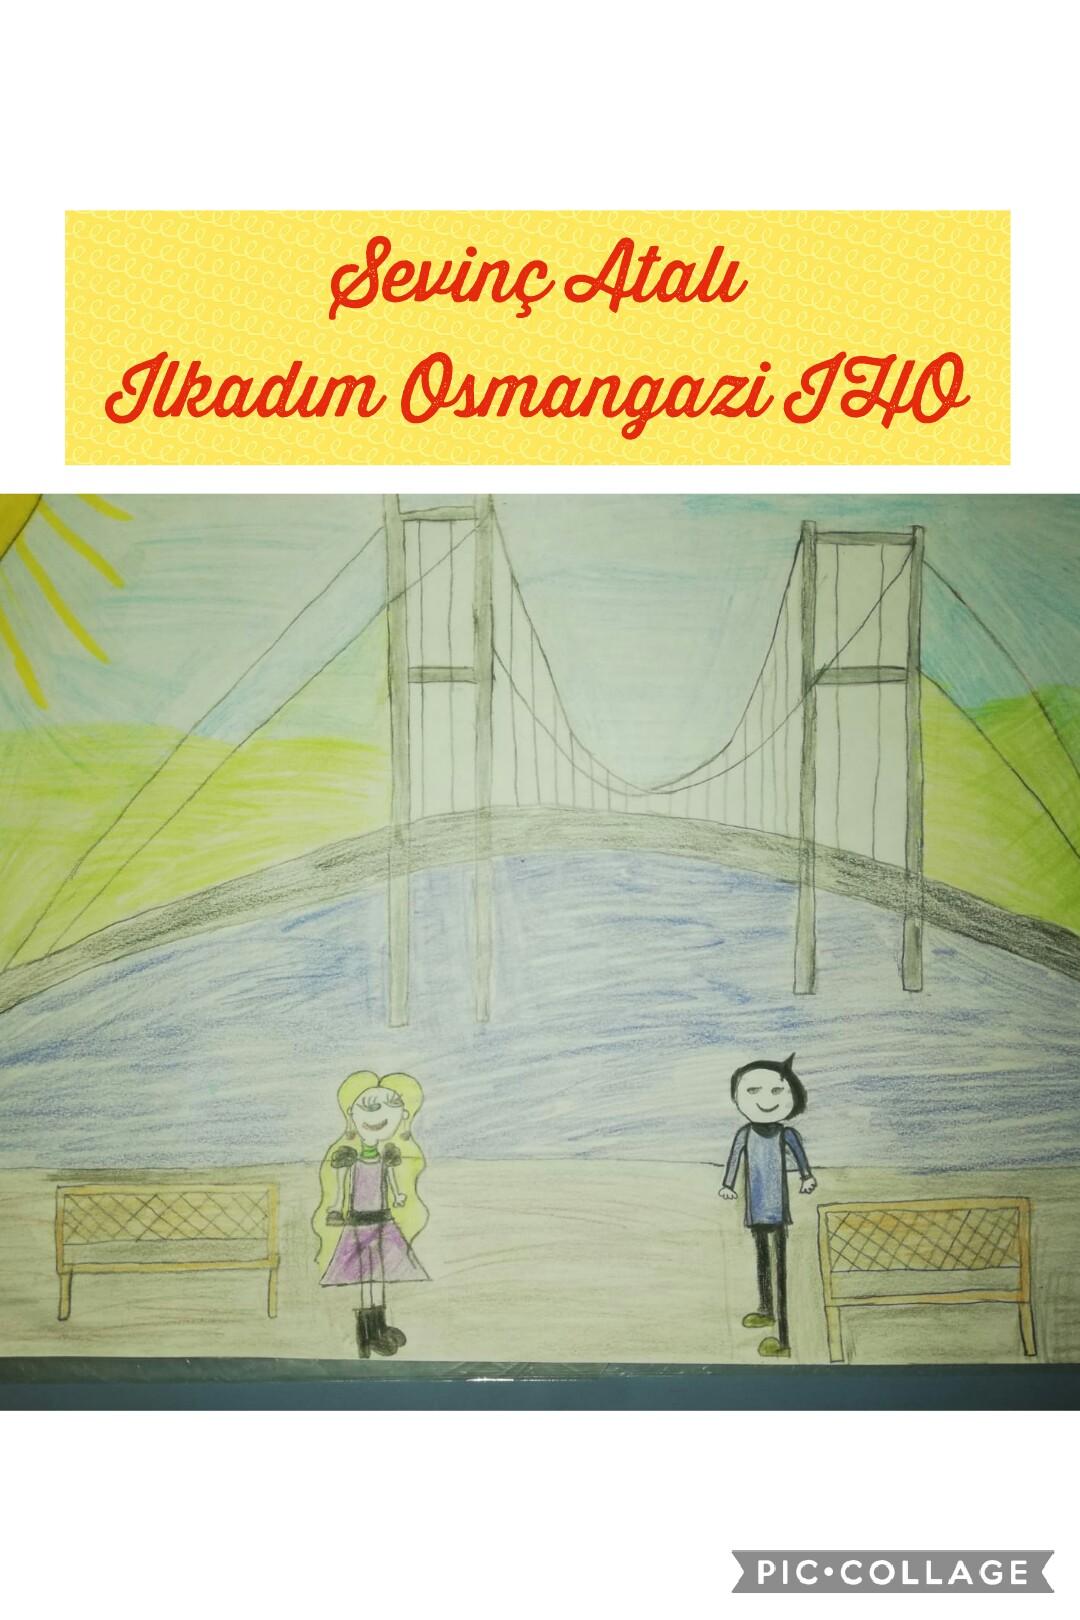 Türkülerin Hikayesi – BURÇAK TARLASI by Sevinç Atalı - Illustrated by Deniz Turan TUNÇ ve Sevinç ATALI - Ourboox.com